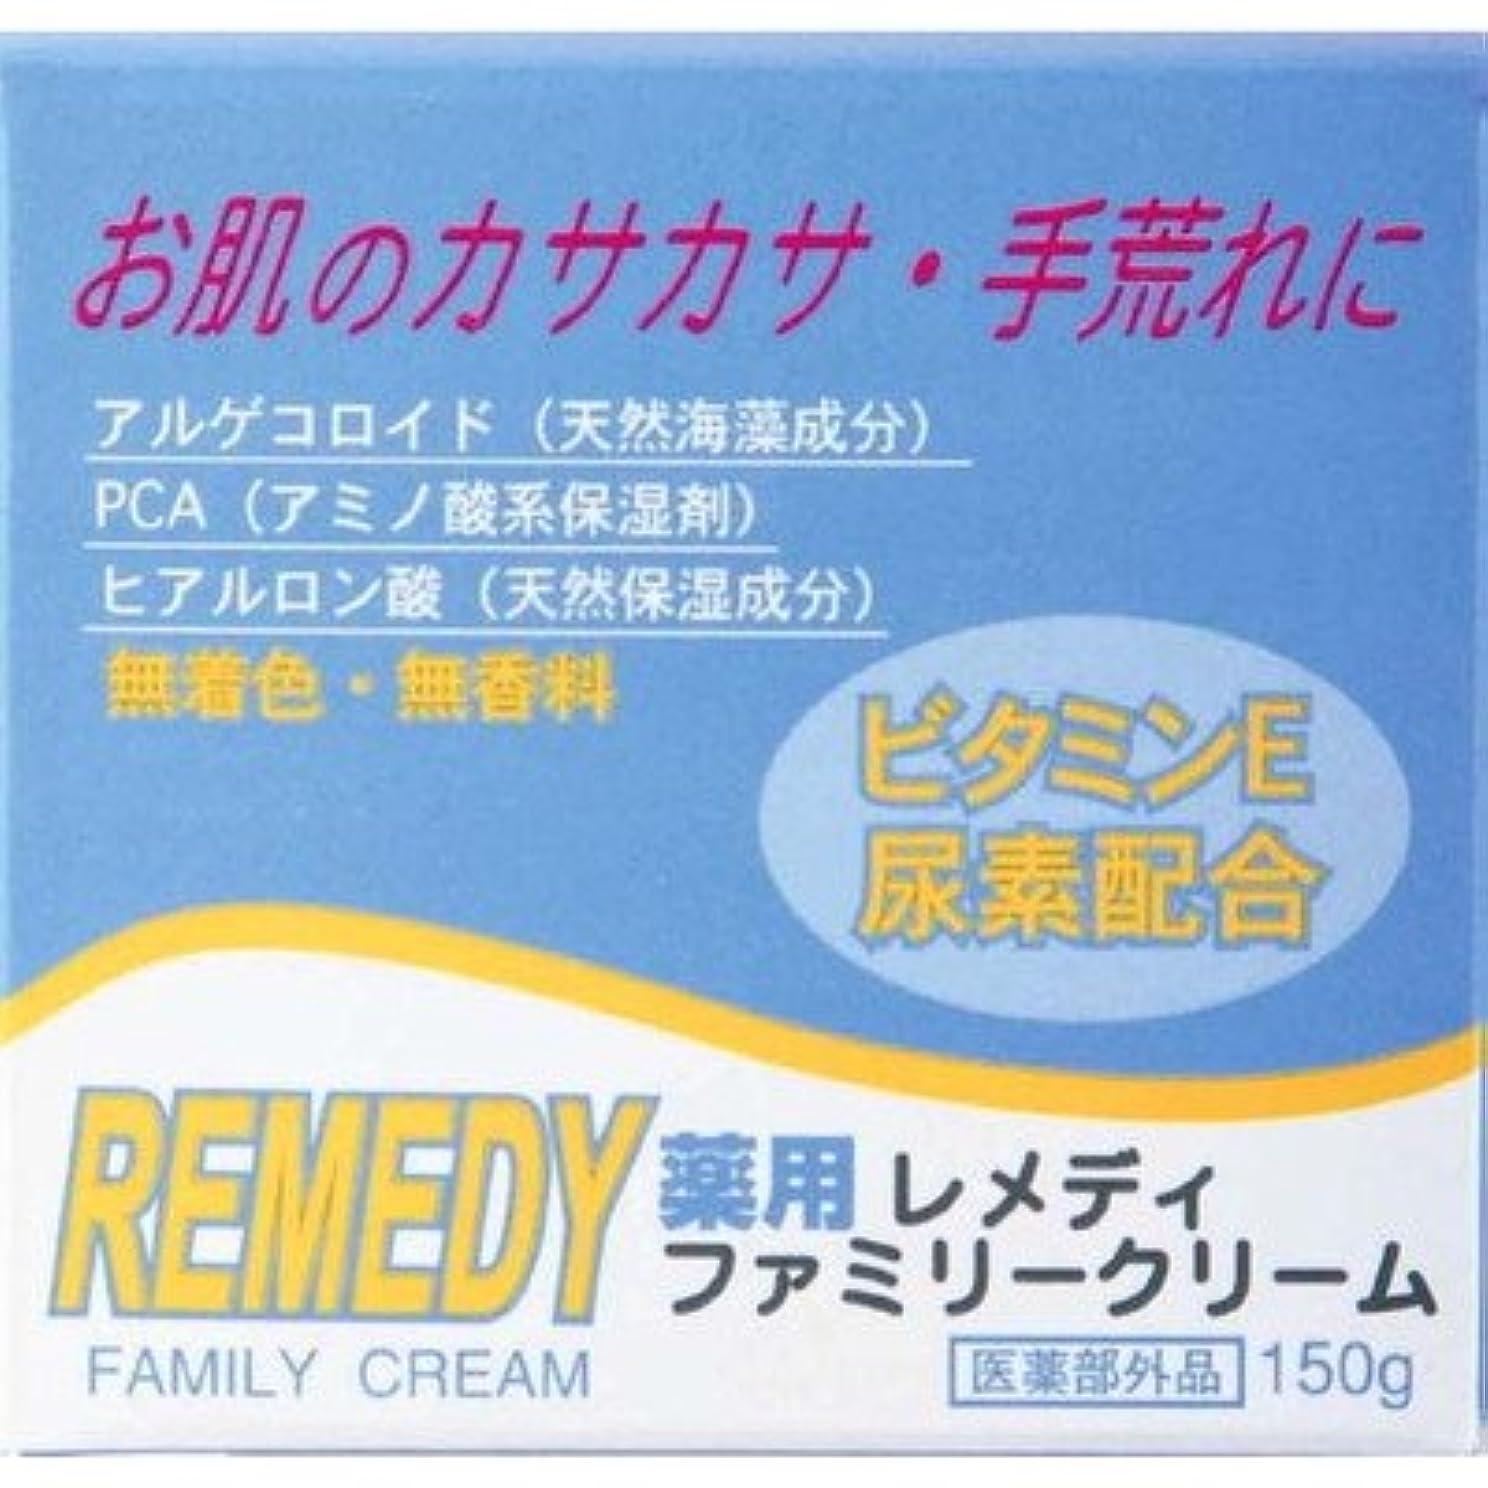 試みいたずら友情【医薬部外品】薬用レメディ ファミリークリーム 150g